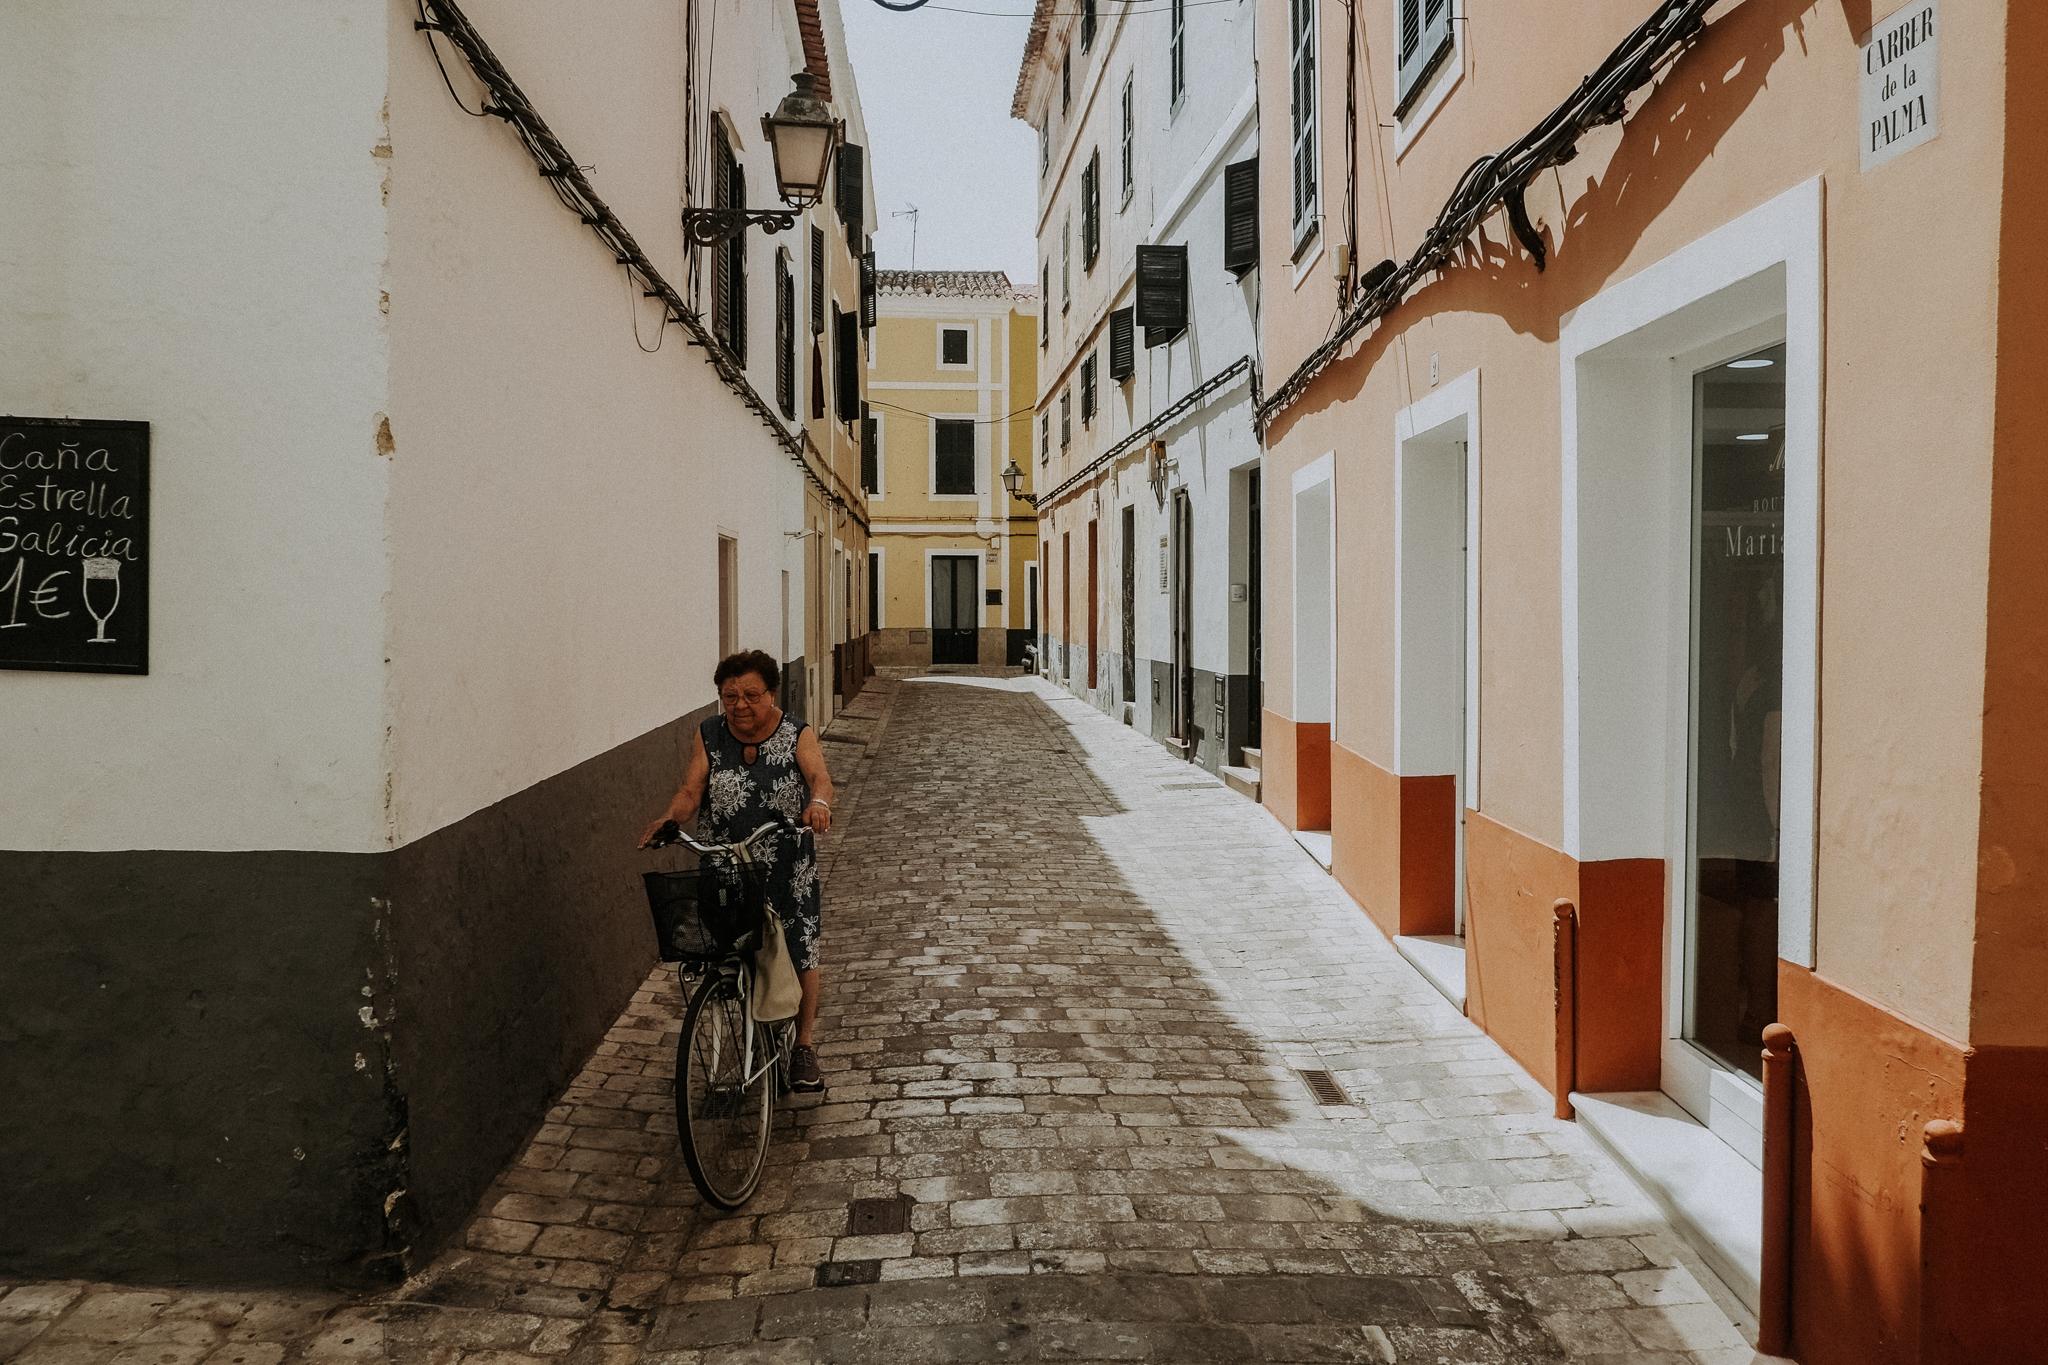 Menorca-007.jpg